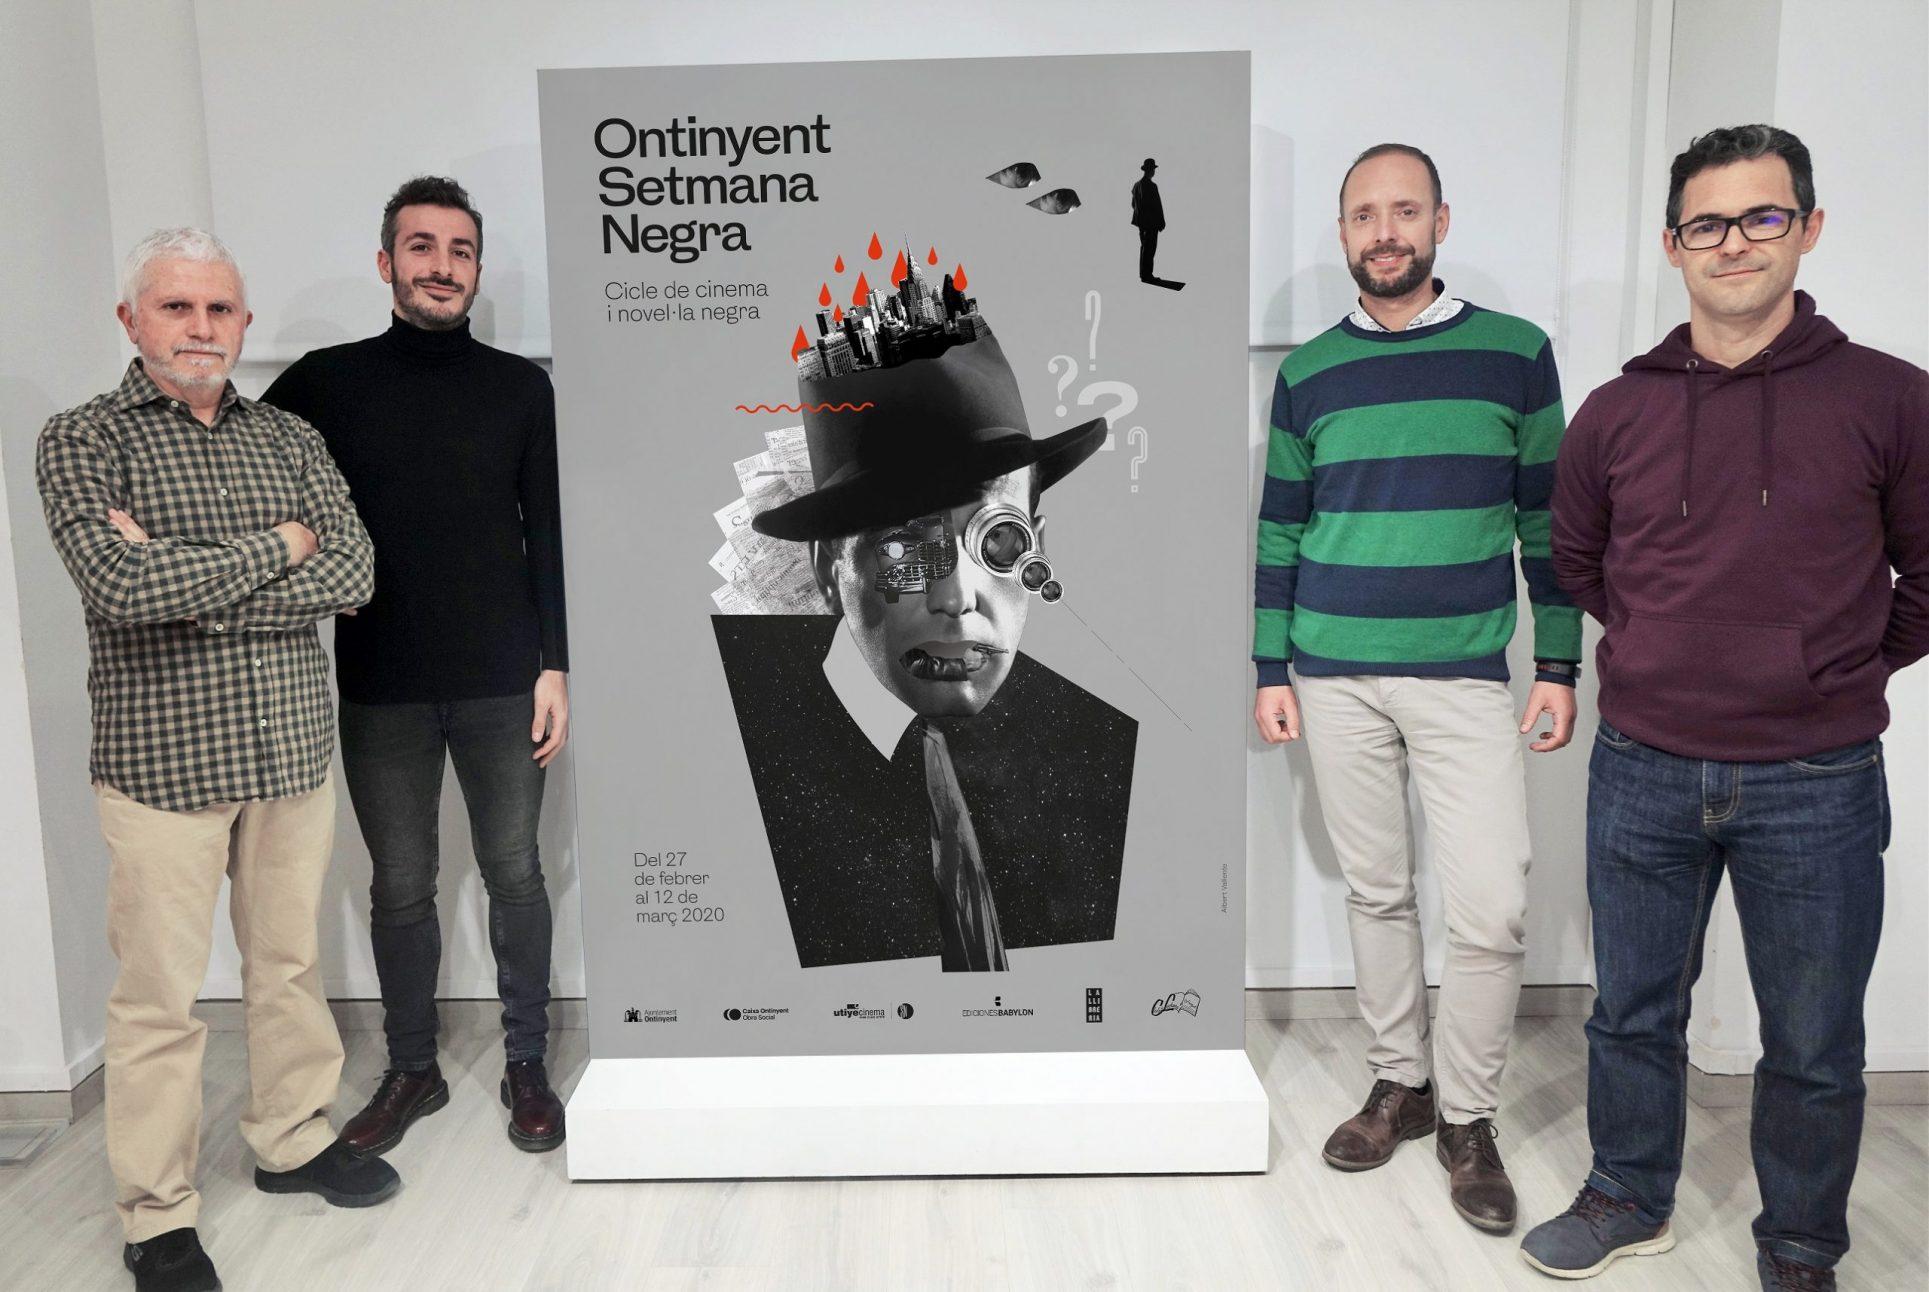 Víctor del Árbol rebrà el primer premi Setmana Negra d'Ontinyent El Periòdic d'Ontinyent